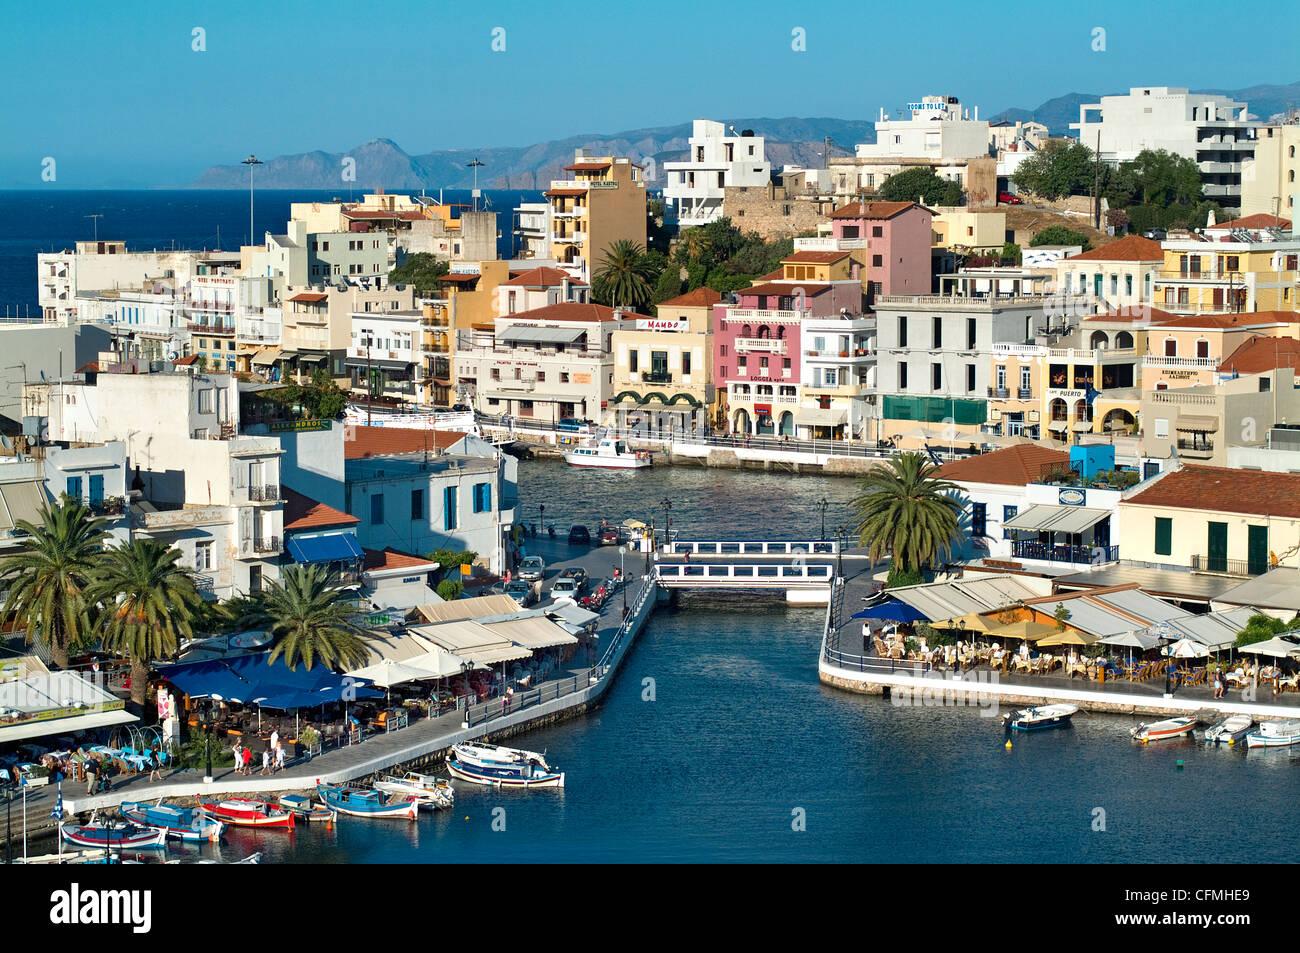 Agios Nikolaos Harbour Crete Greece - Stock Image